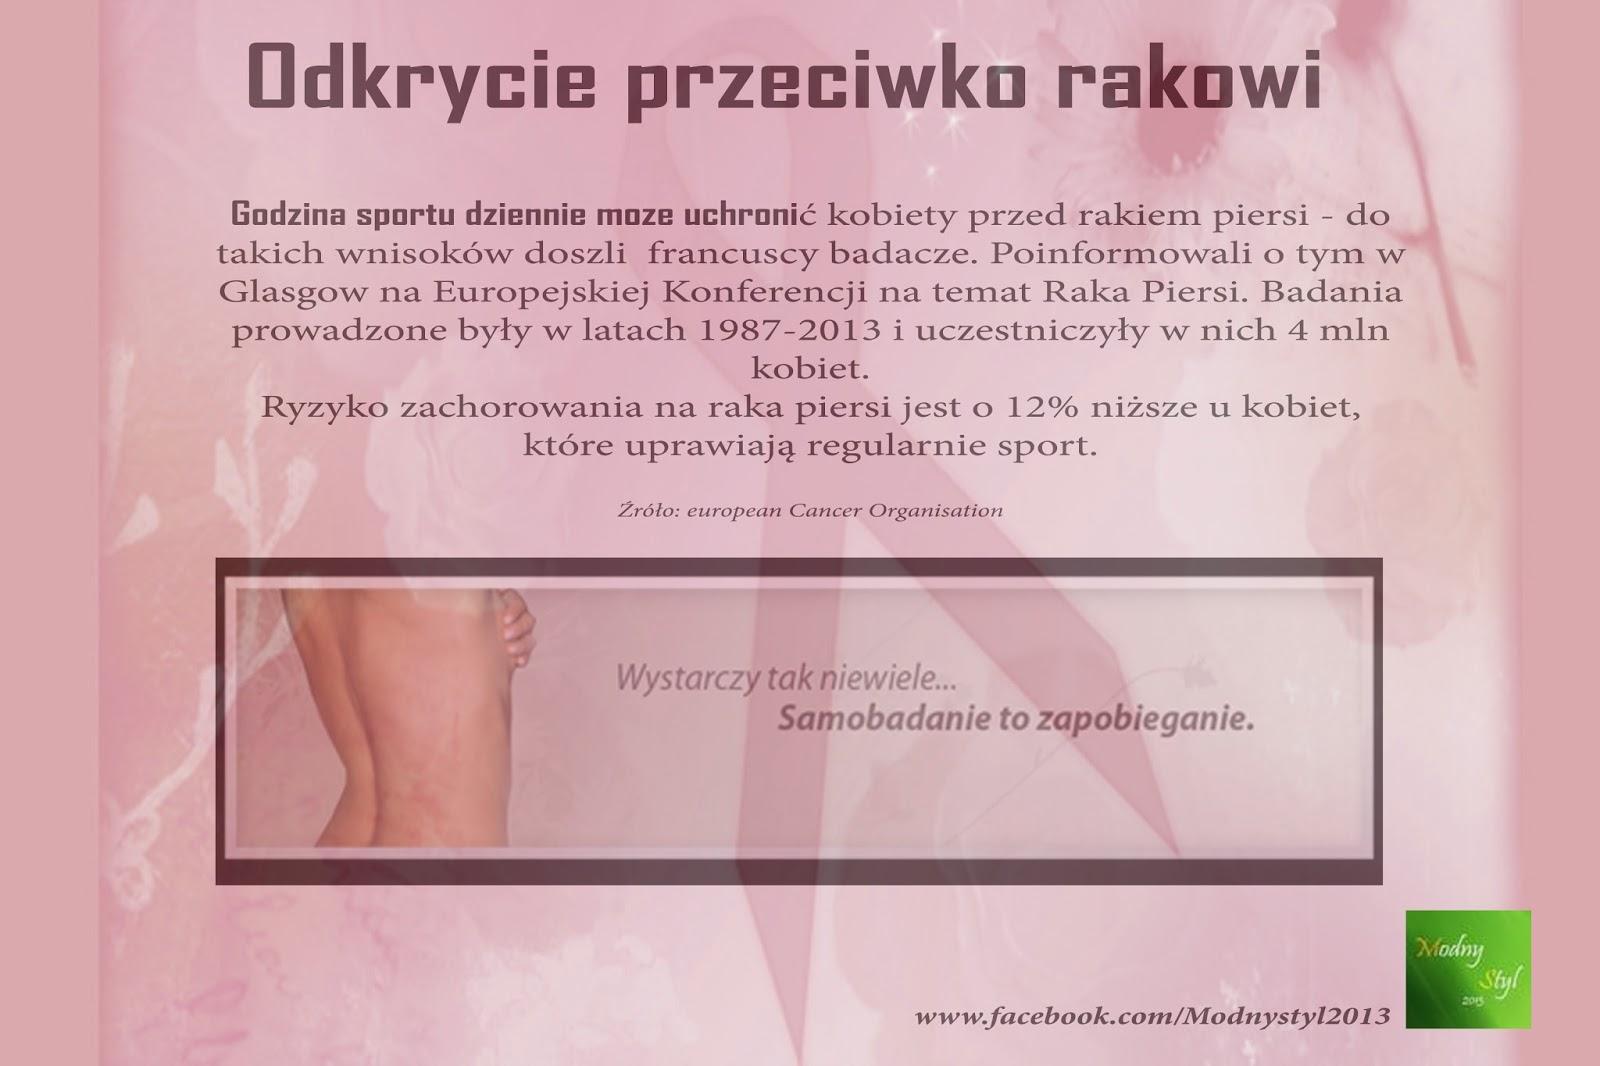 Odkrycie przeciwko rakowi